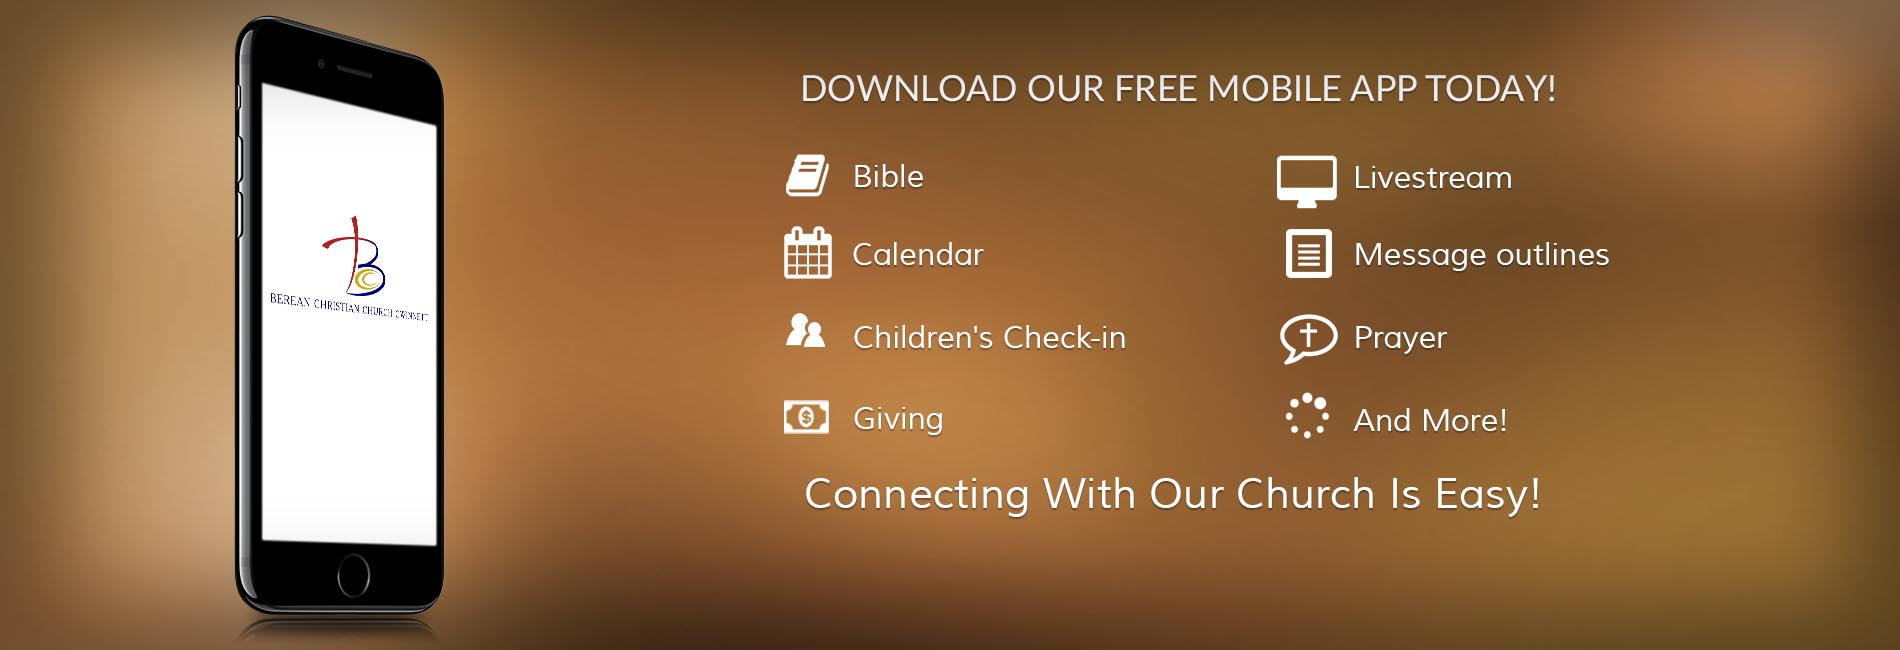 Berean Gwinnett App Download